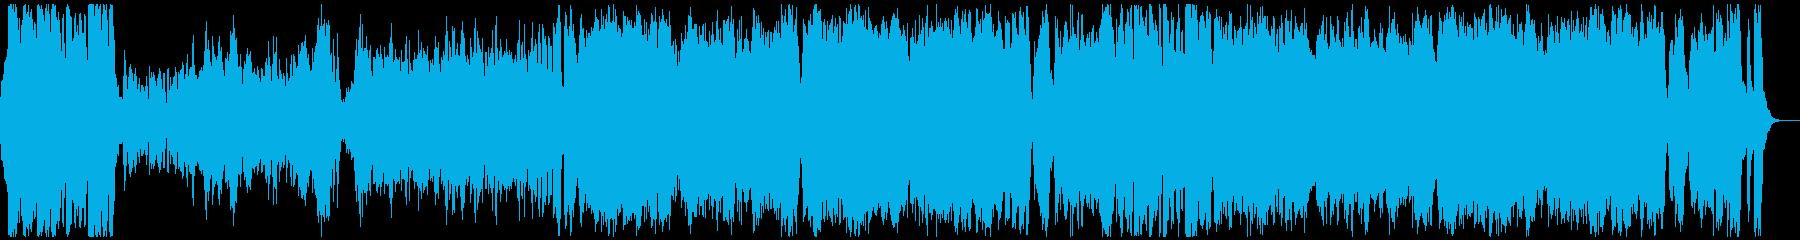 昭和の映画音楽風オーケストラ_typeAの再生済みの波形